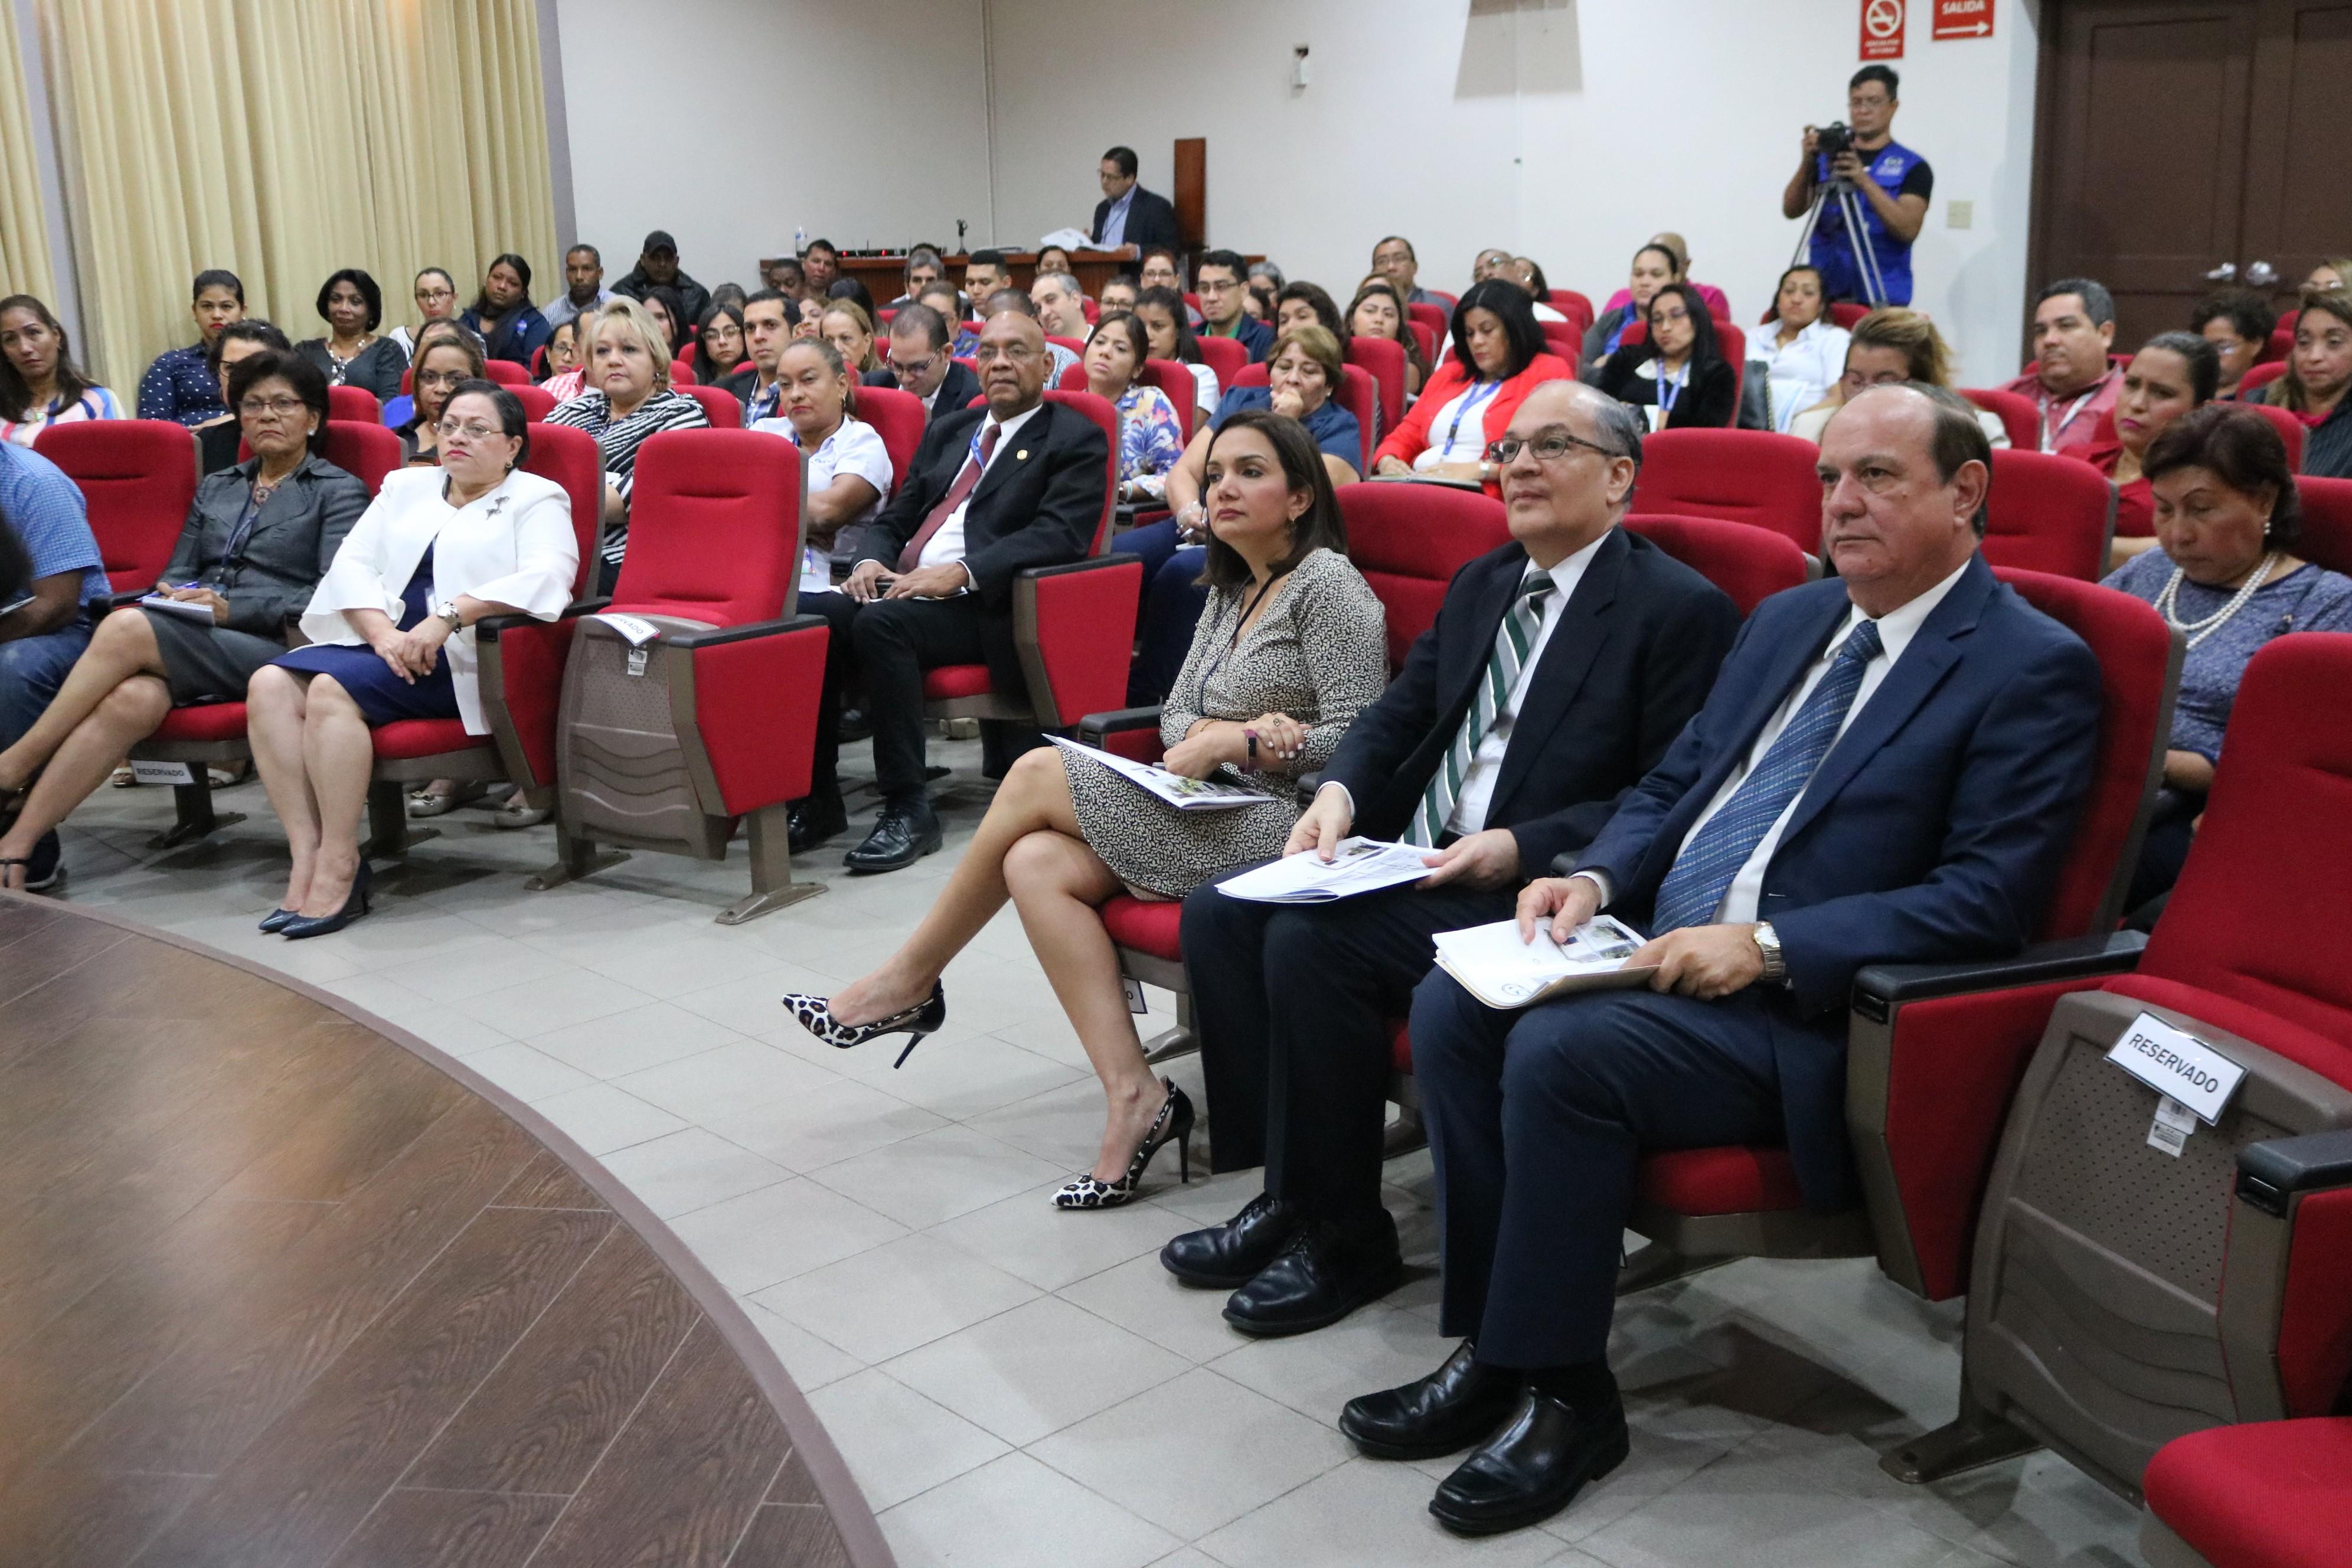 Conferencia: Buenas prácticas en la administración pública